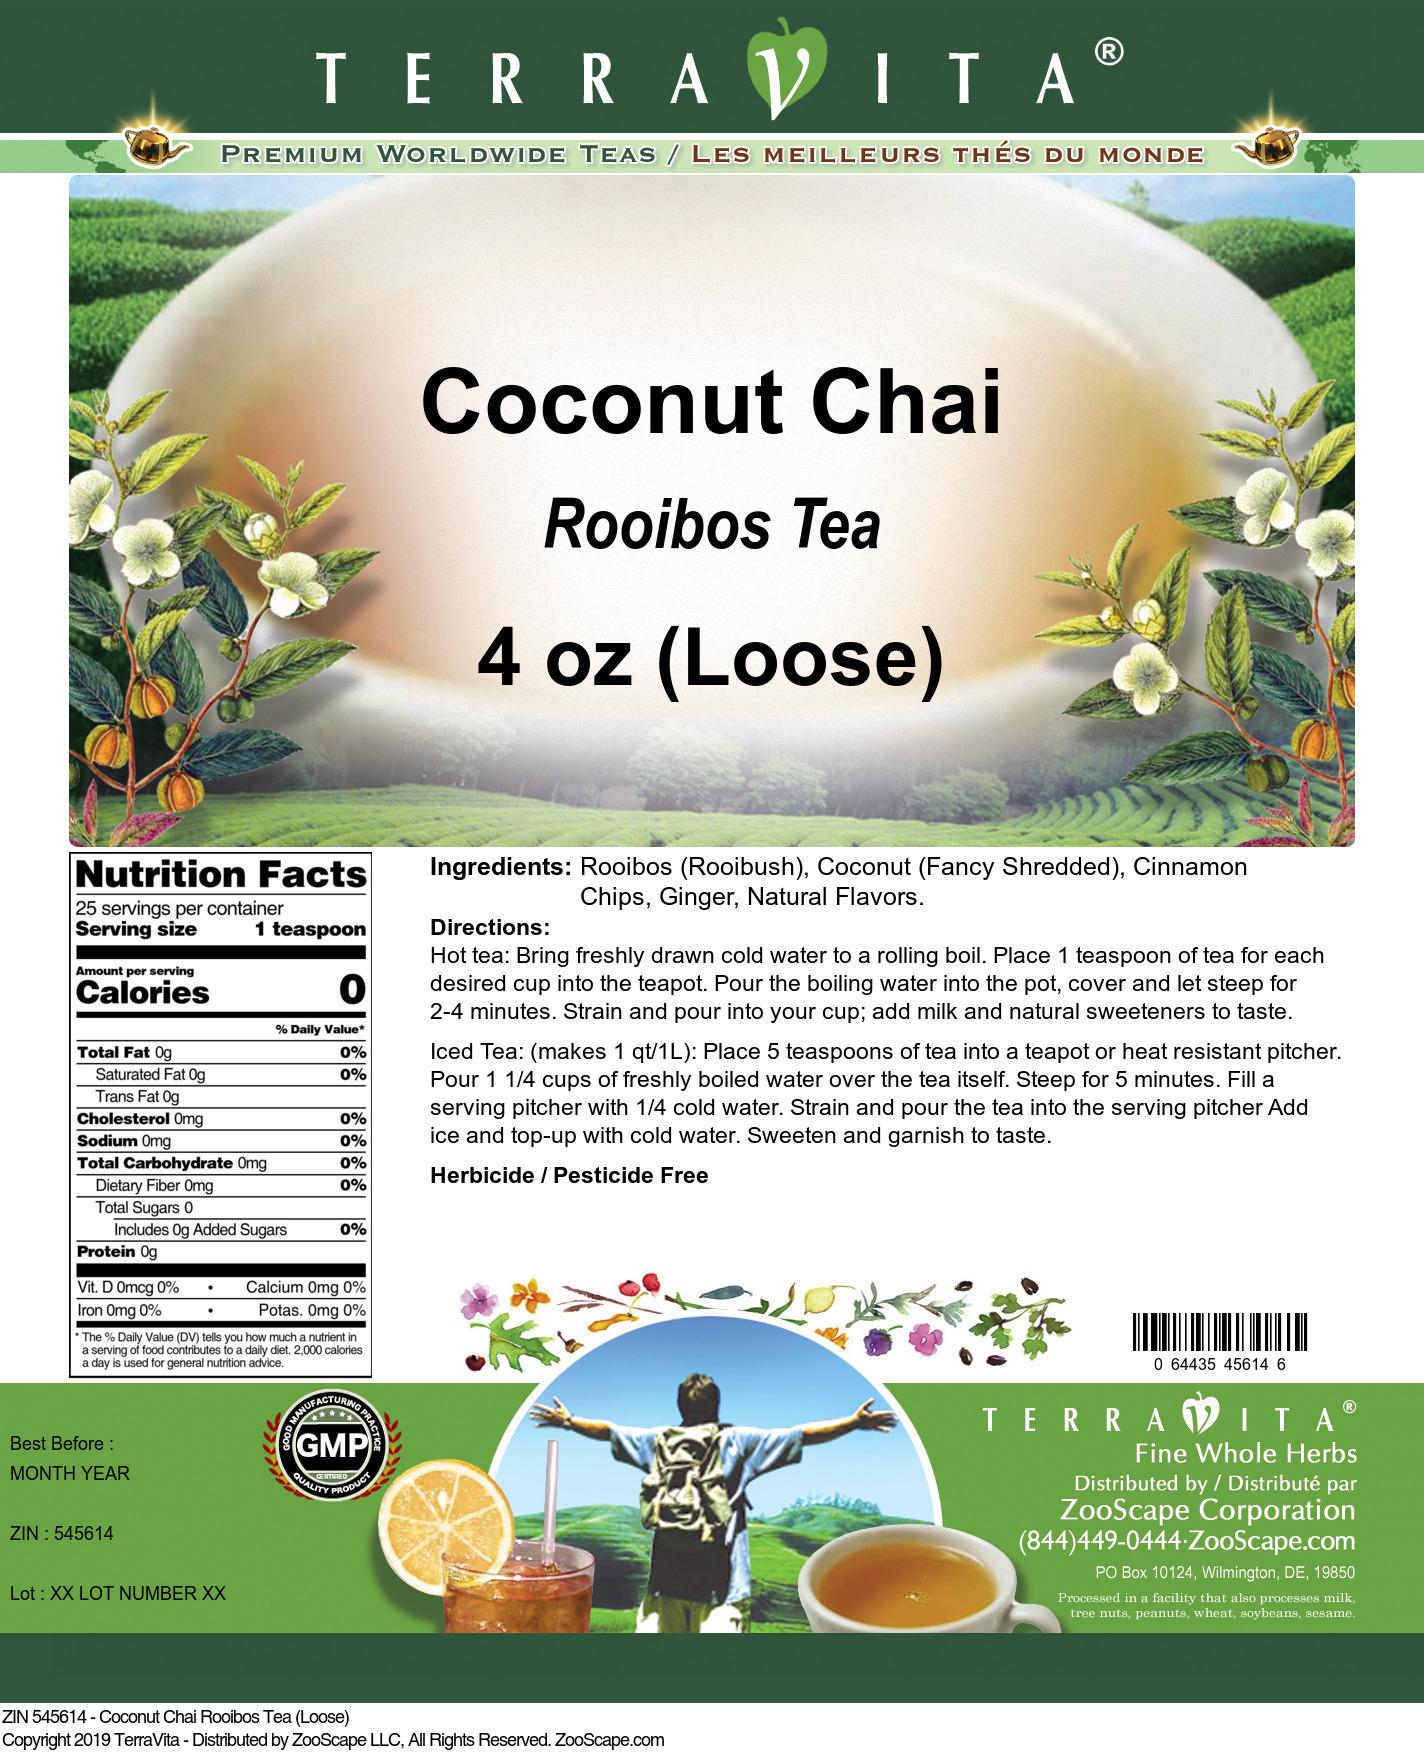 Coconut Chai Rooibos Tea